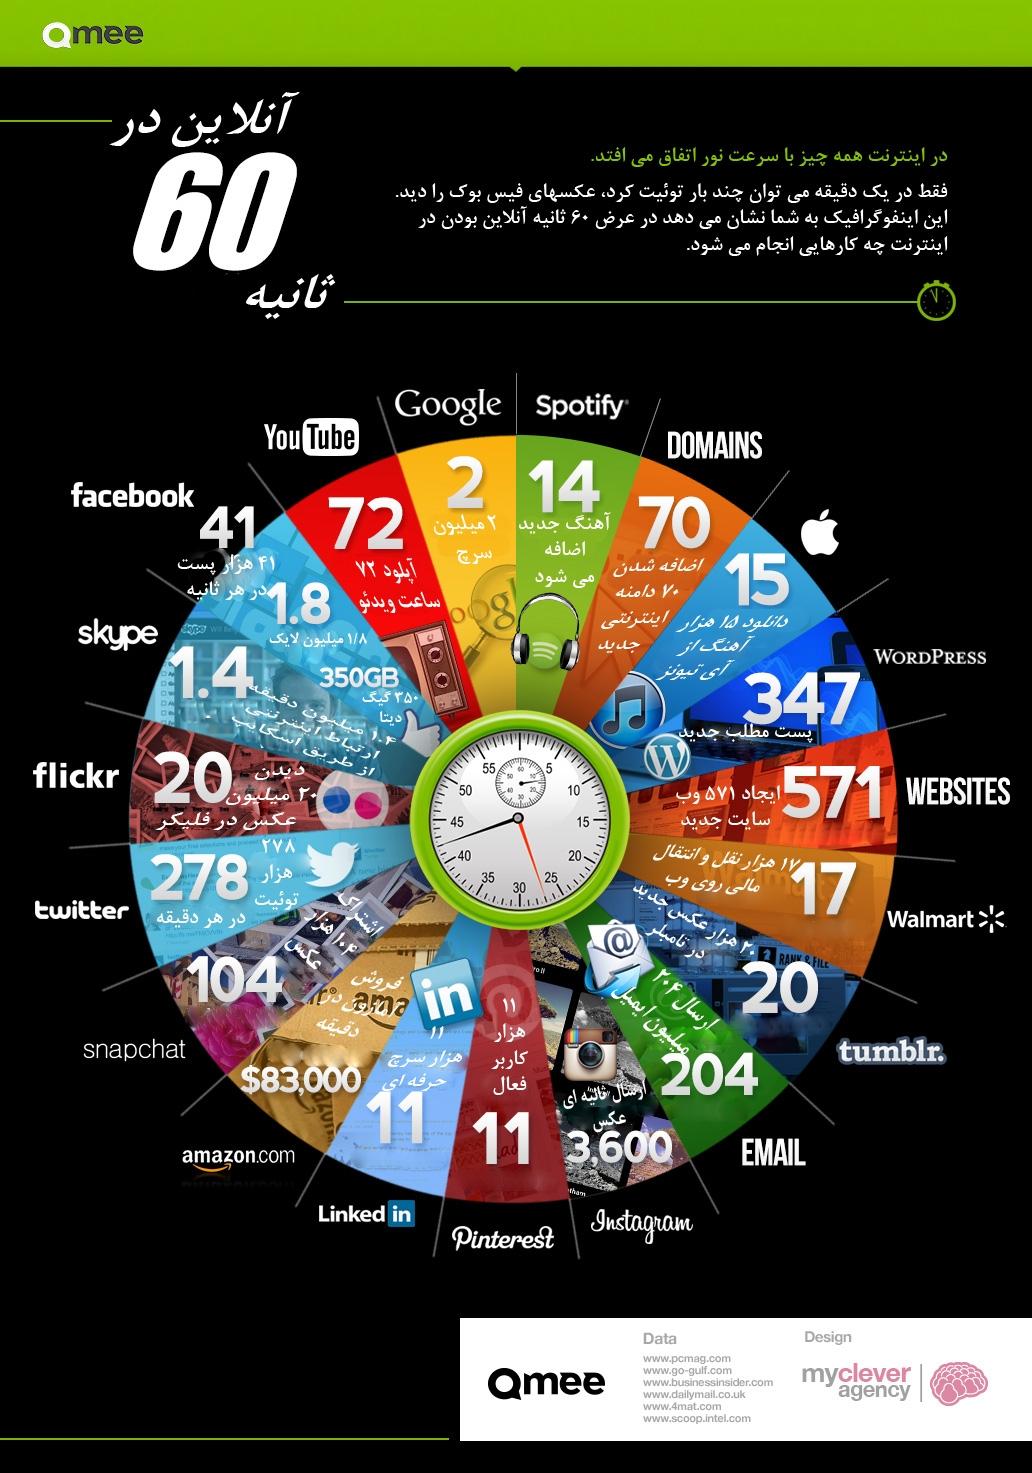 آیا می دانید در یک دقیقه چه اتفاقاتی در اینترنت می افتد؟